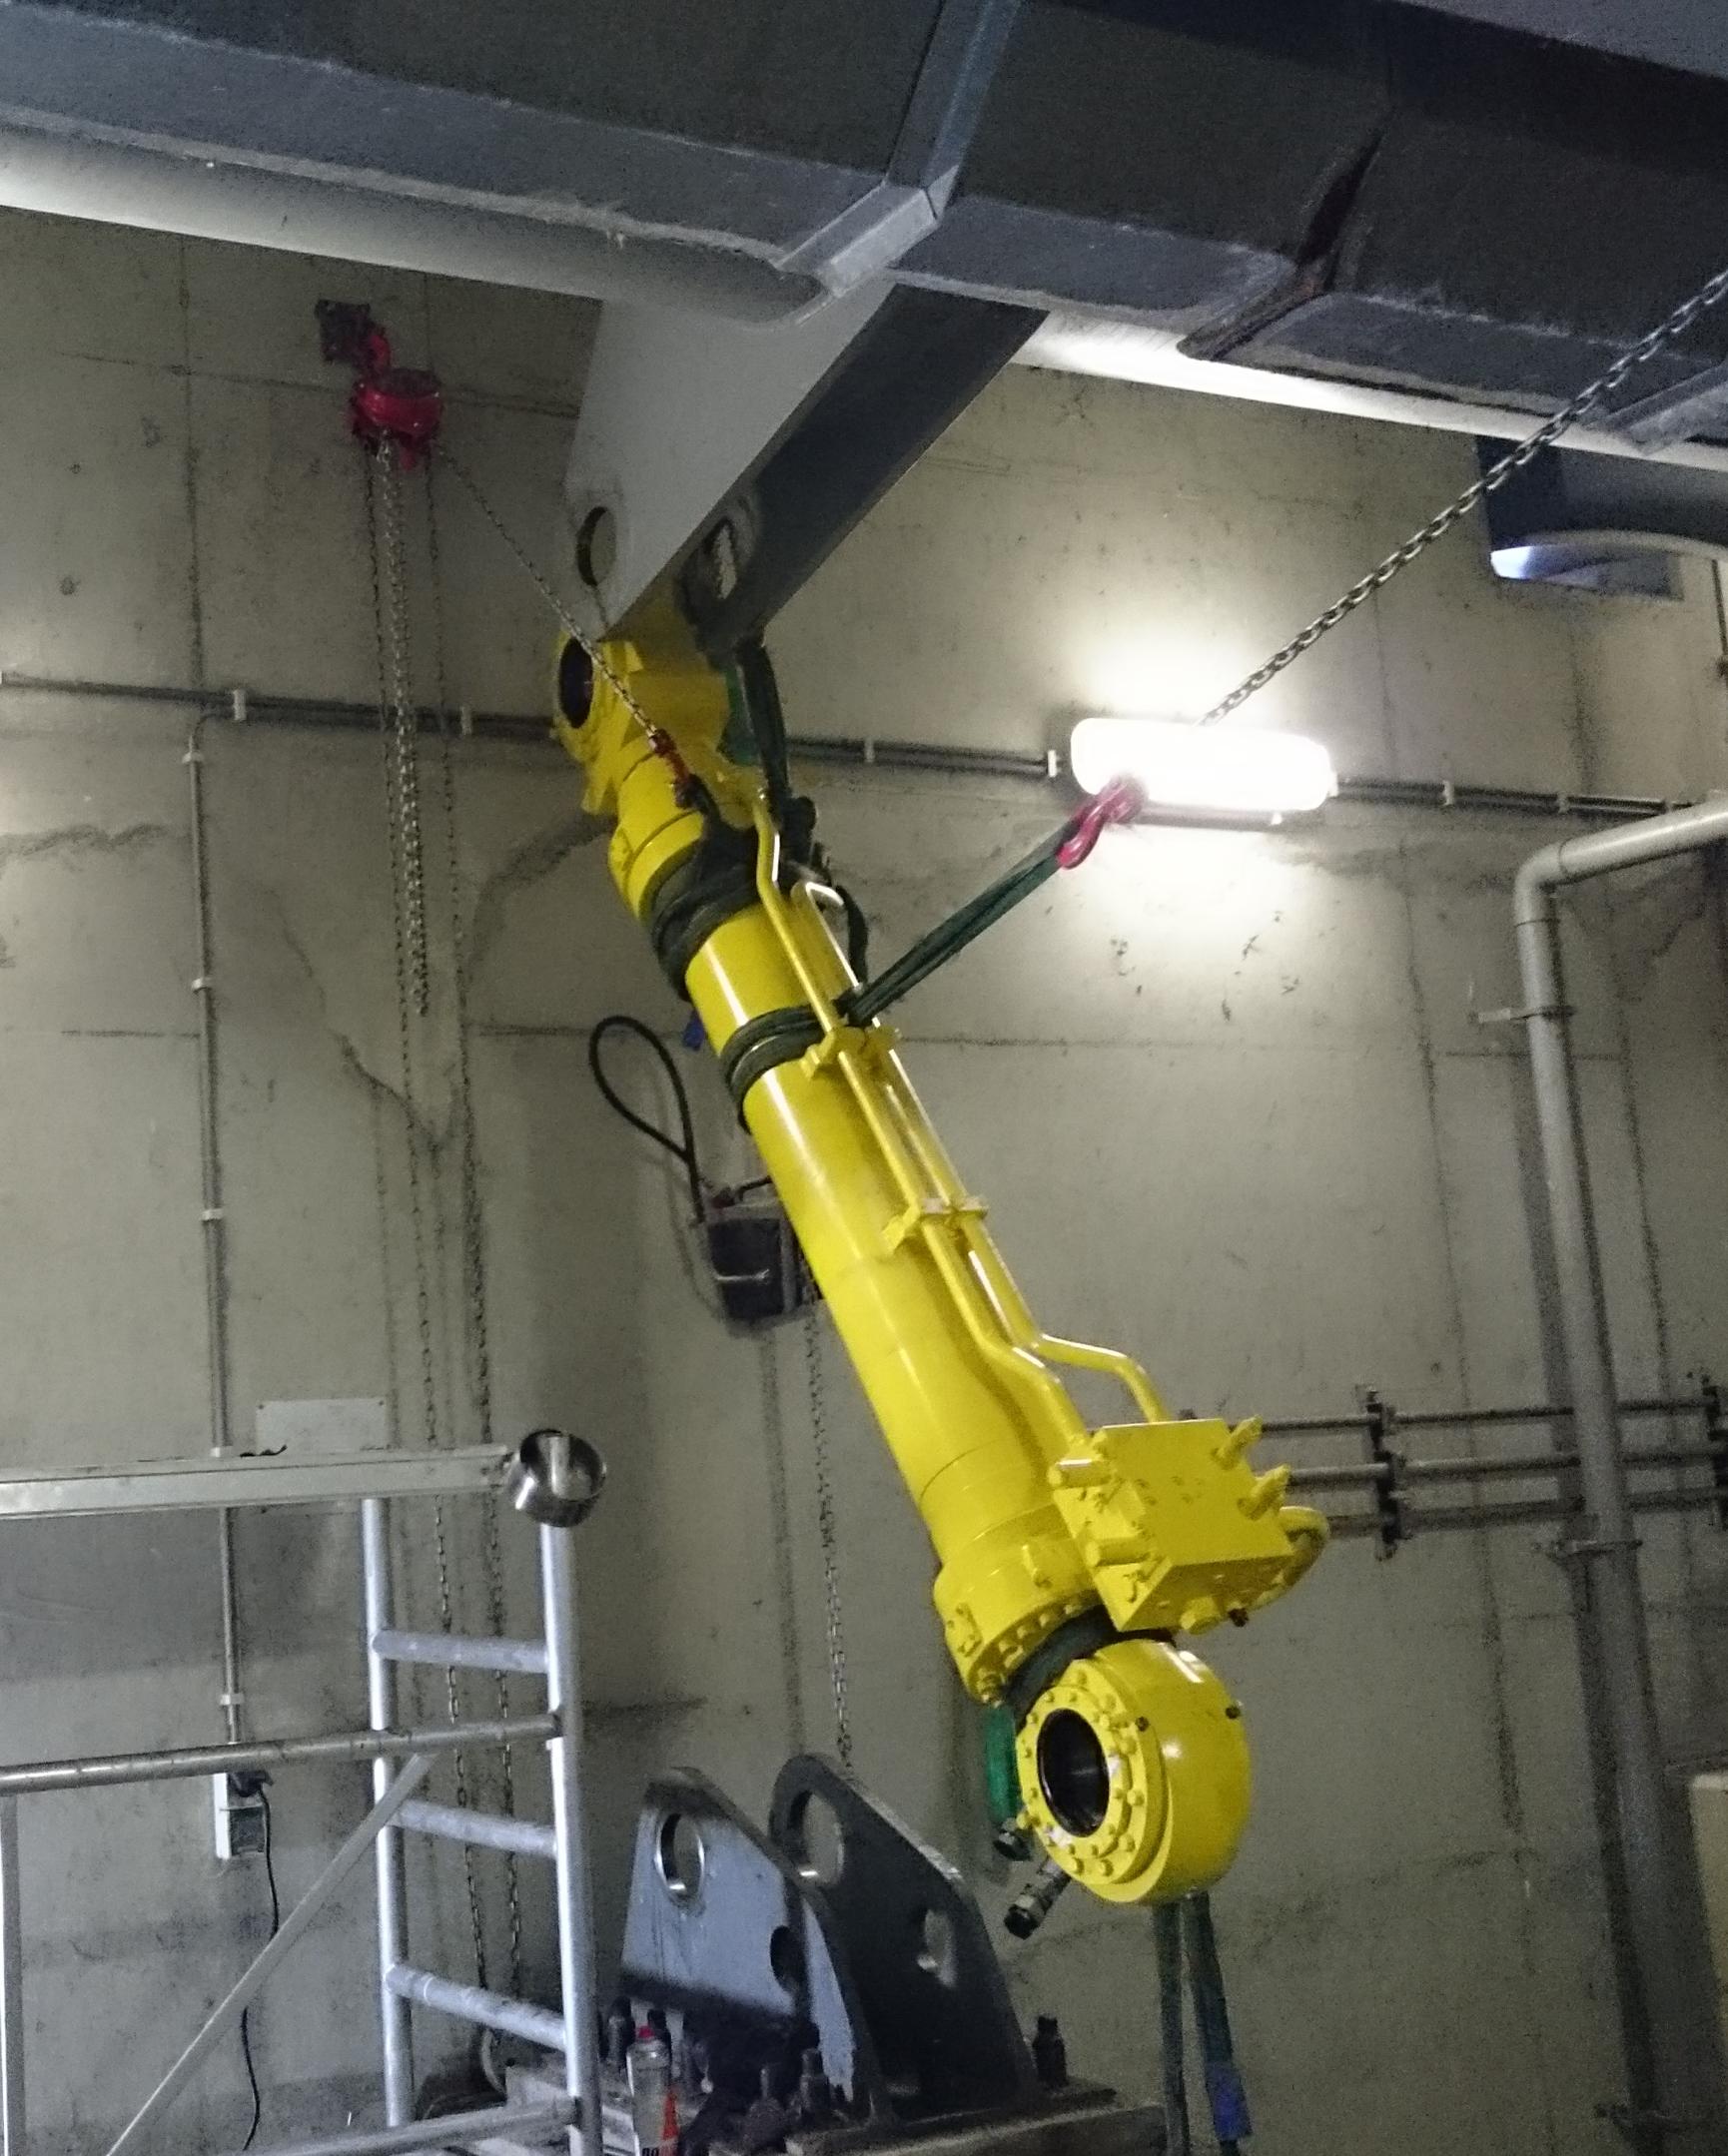 cilinder oosterhornbrug